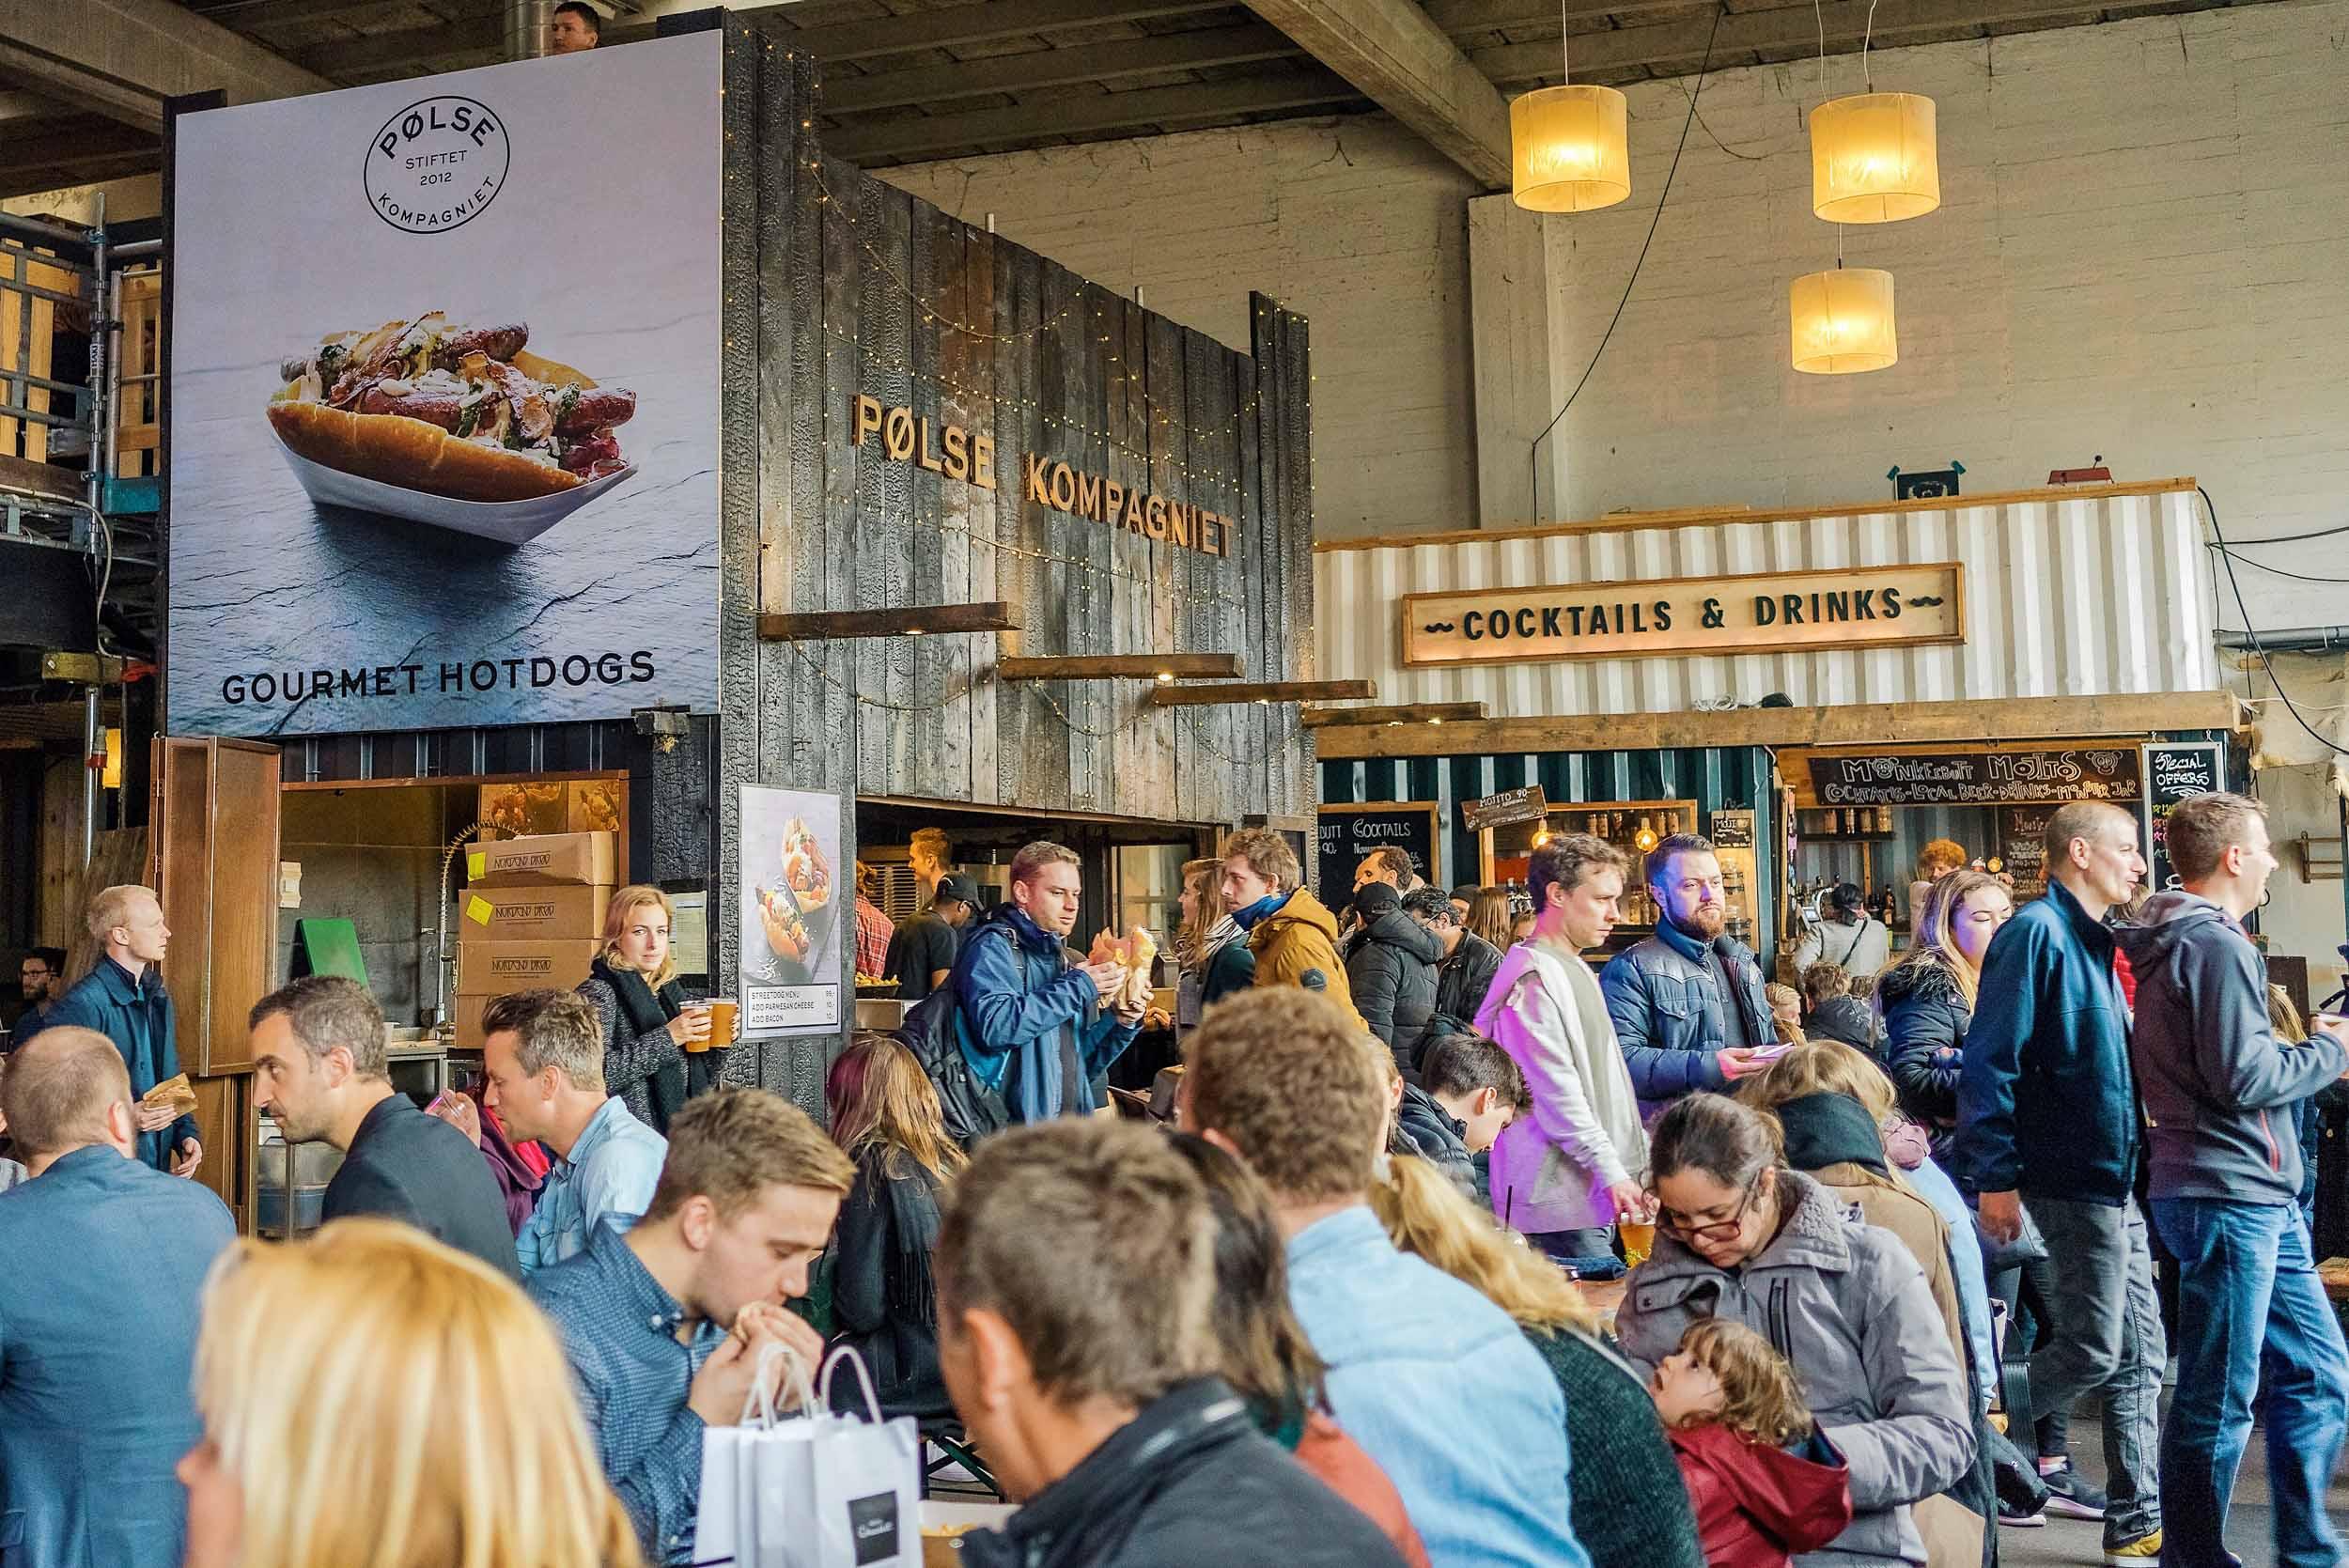 The Copenhagen street food market onPaper Island (Papirøen)